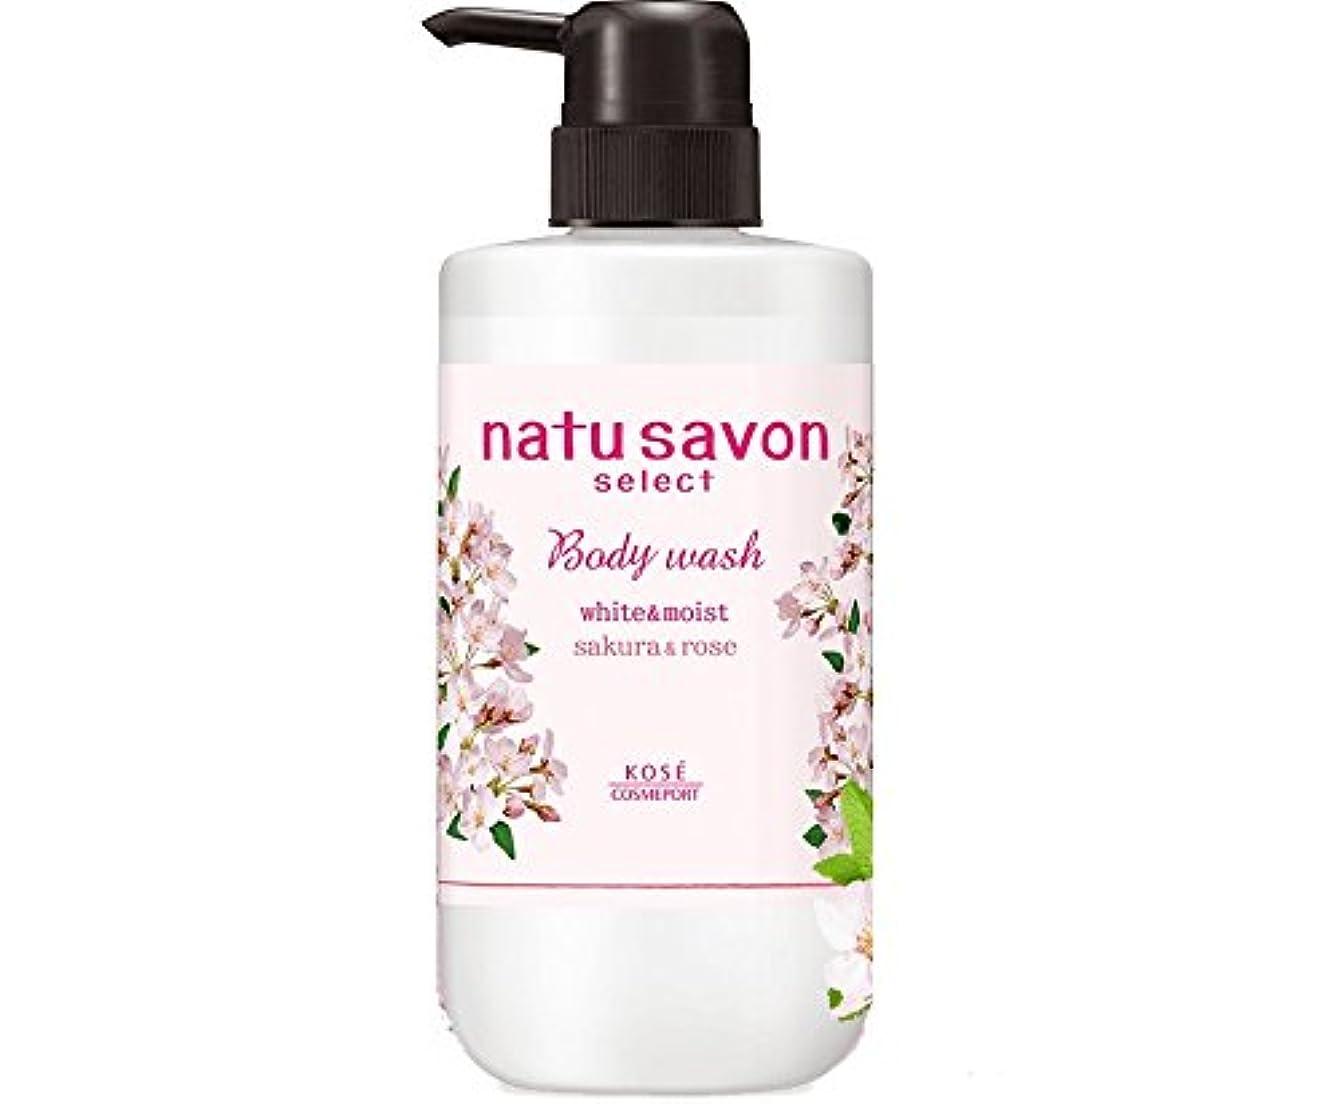 顕微鏡近似飢饉ナチュサボンセレクト ボディウォッシュ ボタニカル桜の香り white&moist(数量限定品)